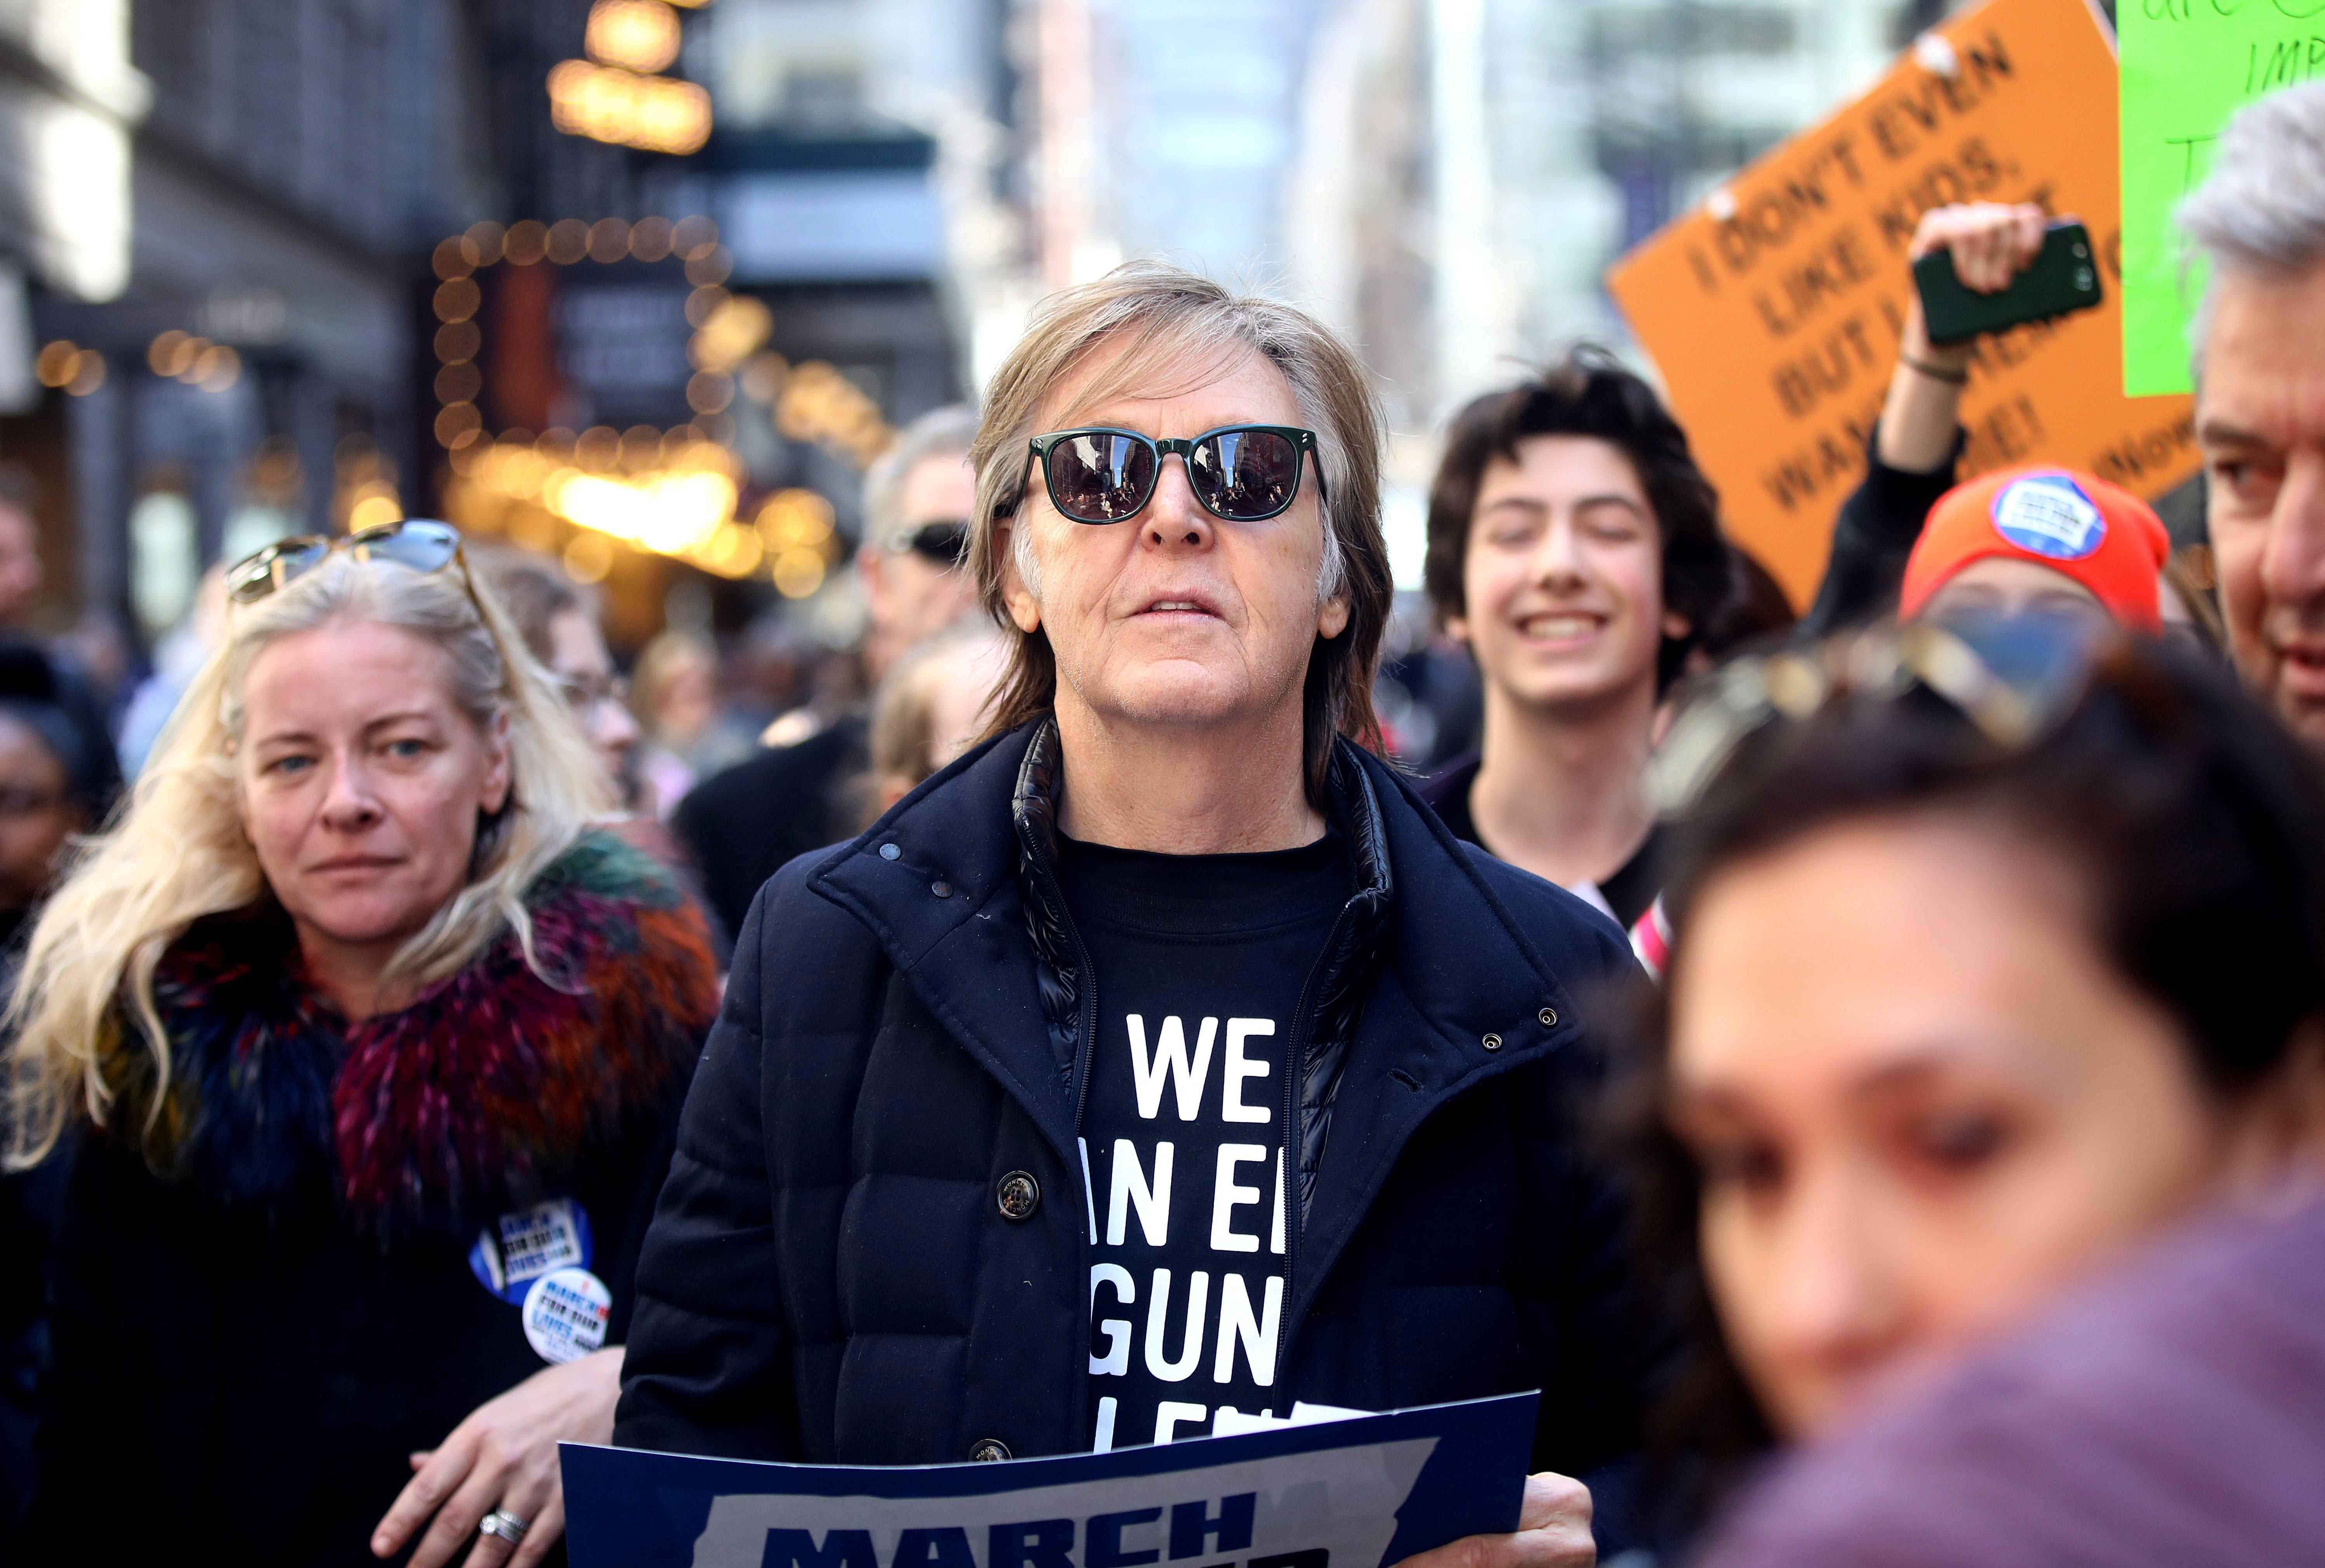 폴 매카트니가 존 레논을 기리며 총기규제 시위에